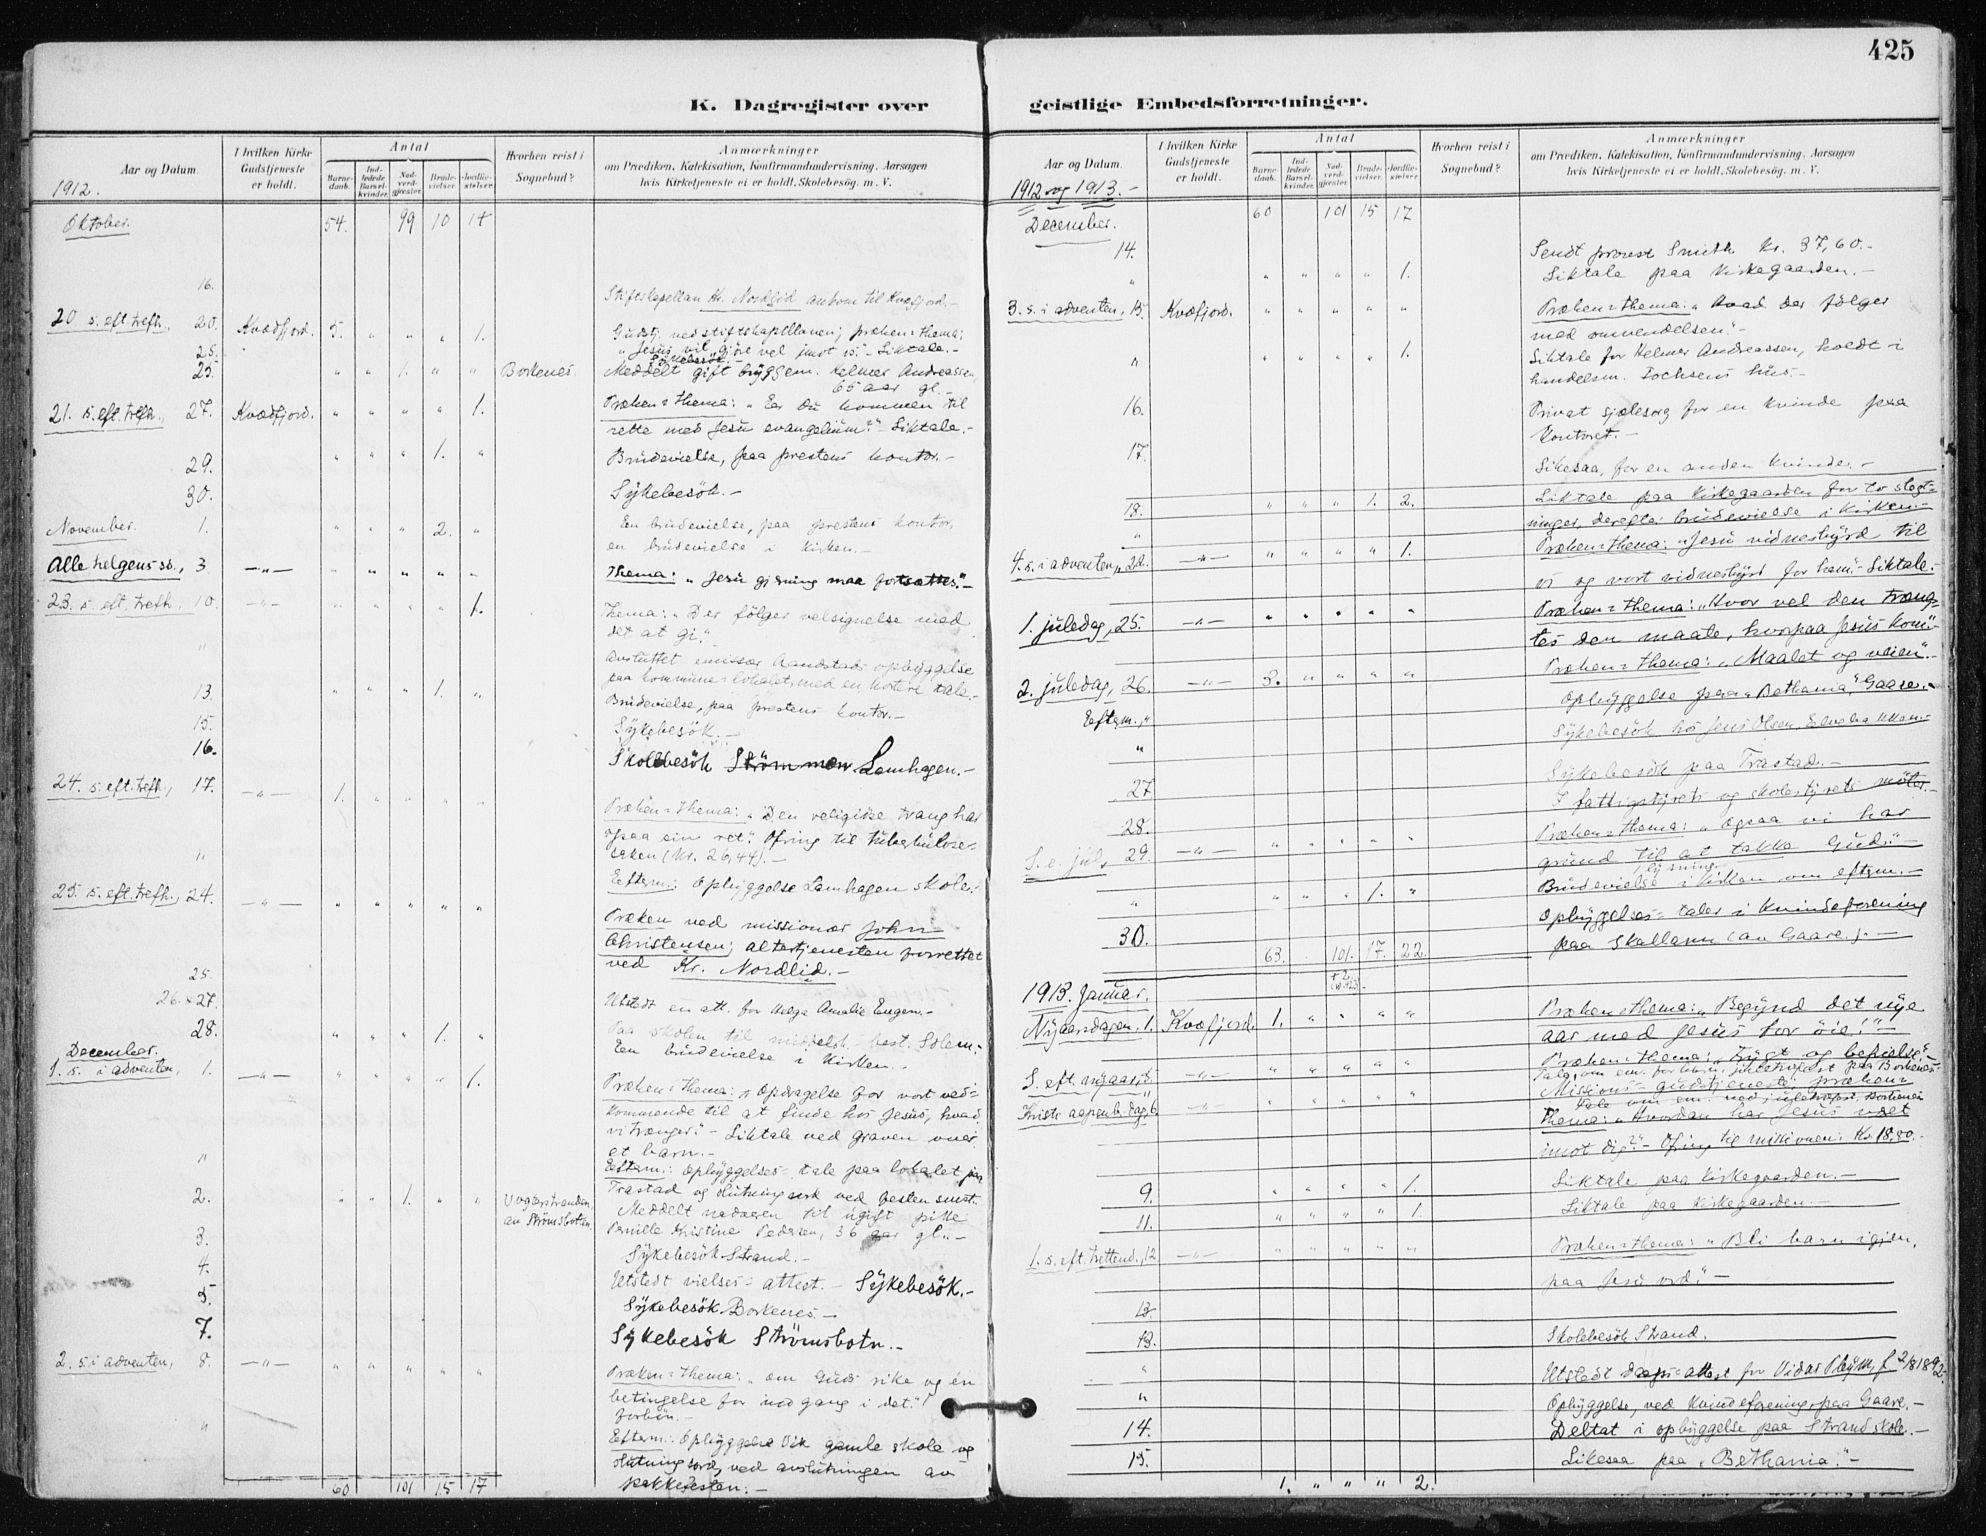 SATØ, Kvæfjord sokneprestkontor, G/Ga/Gaa/L0006kirke: Parish register (official) no. 6, 1895-1914, p. 425